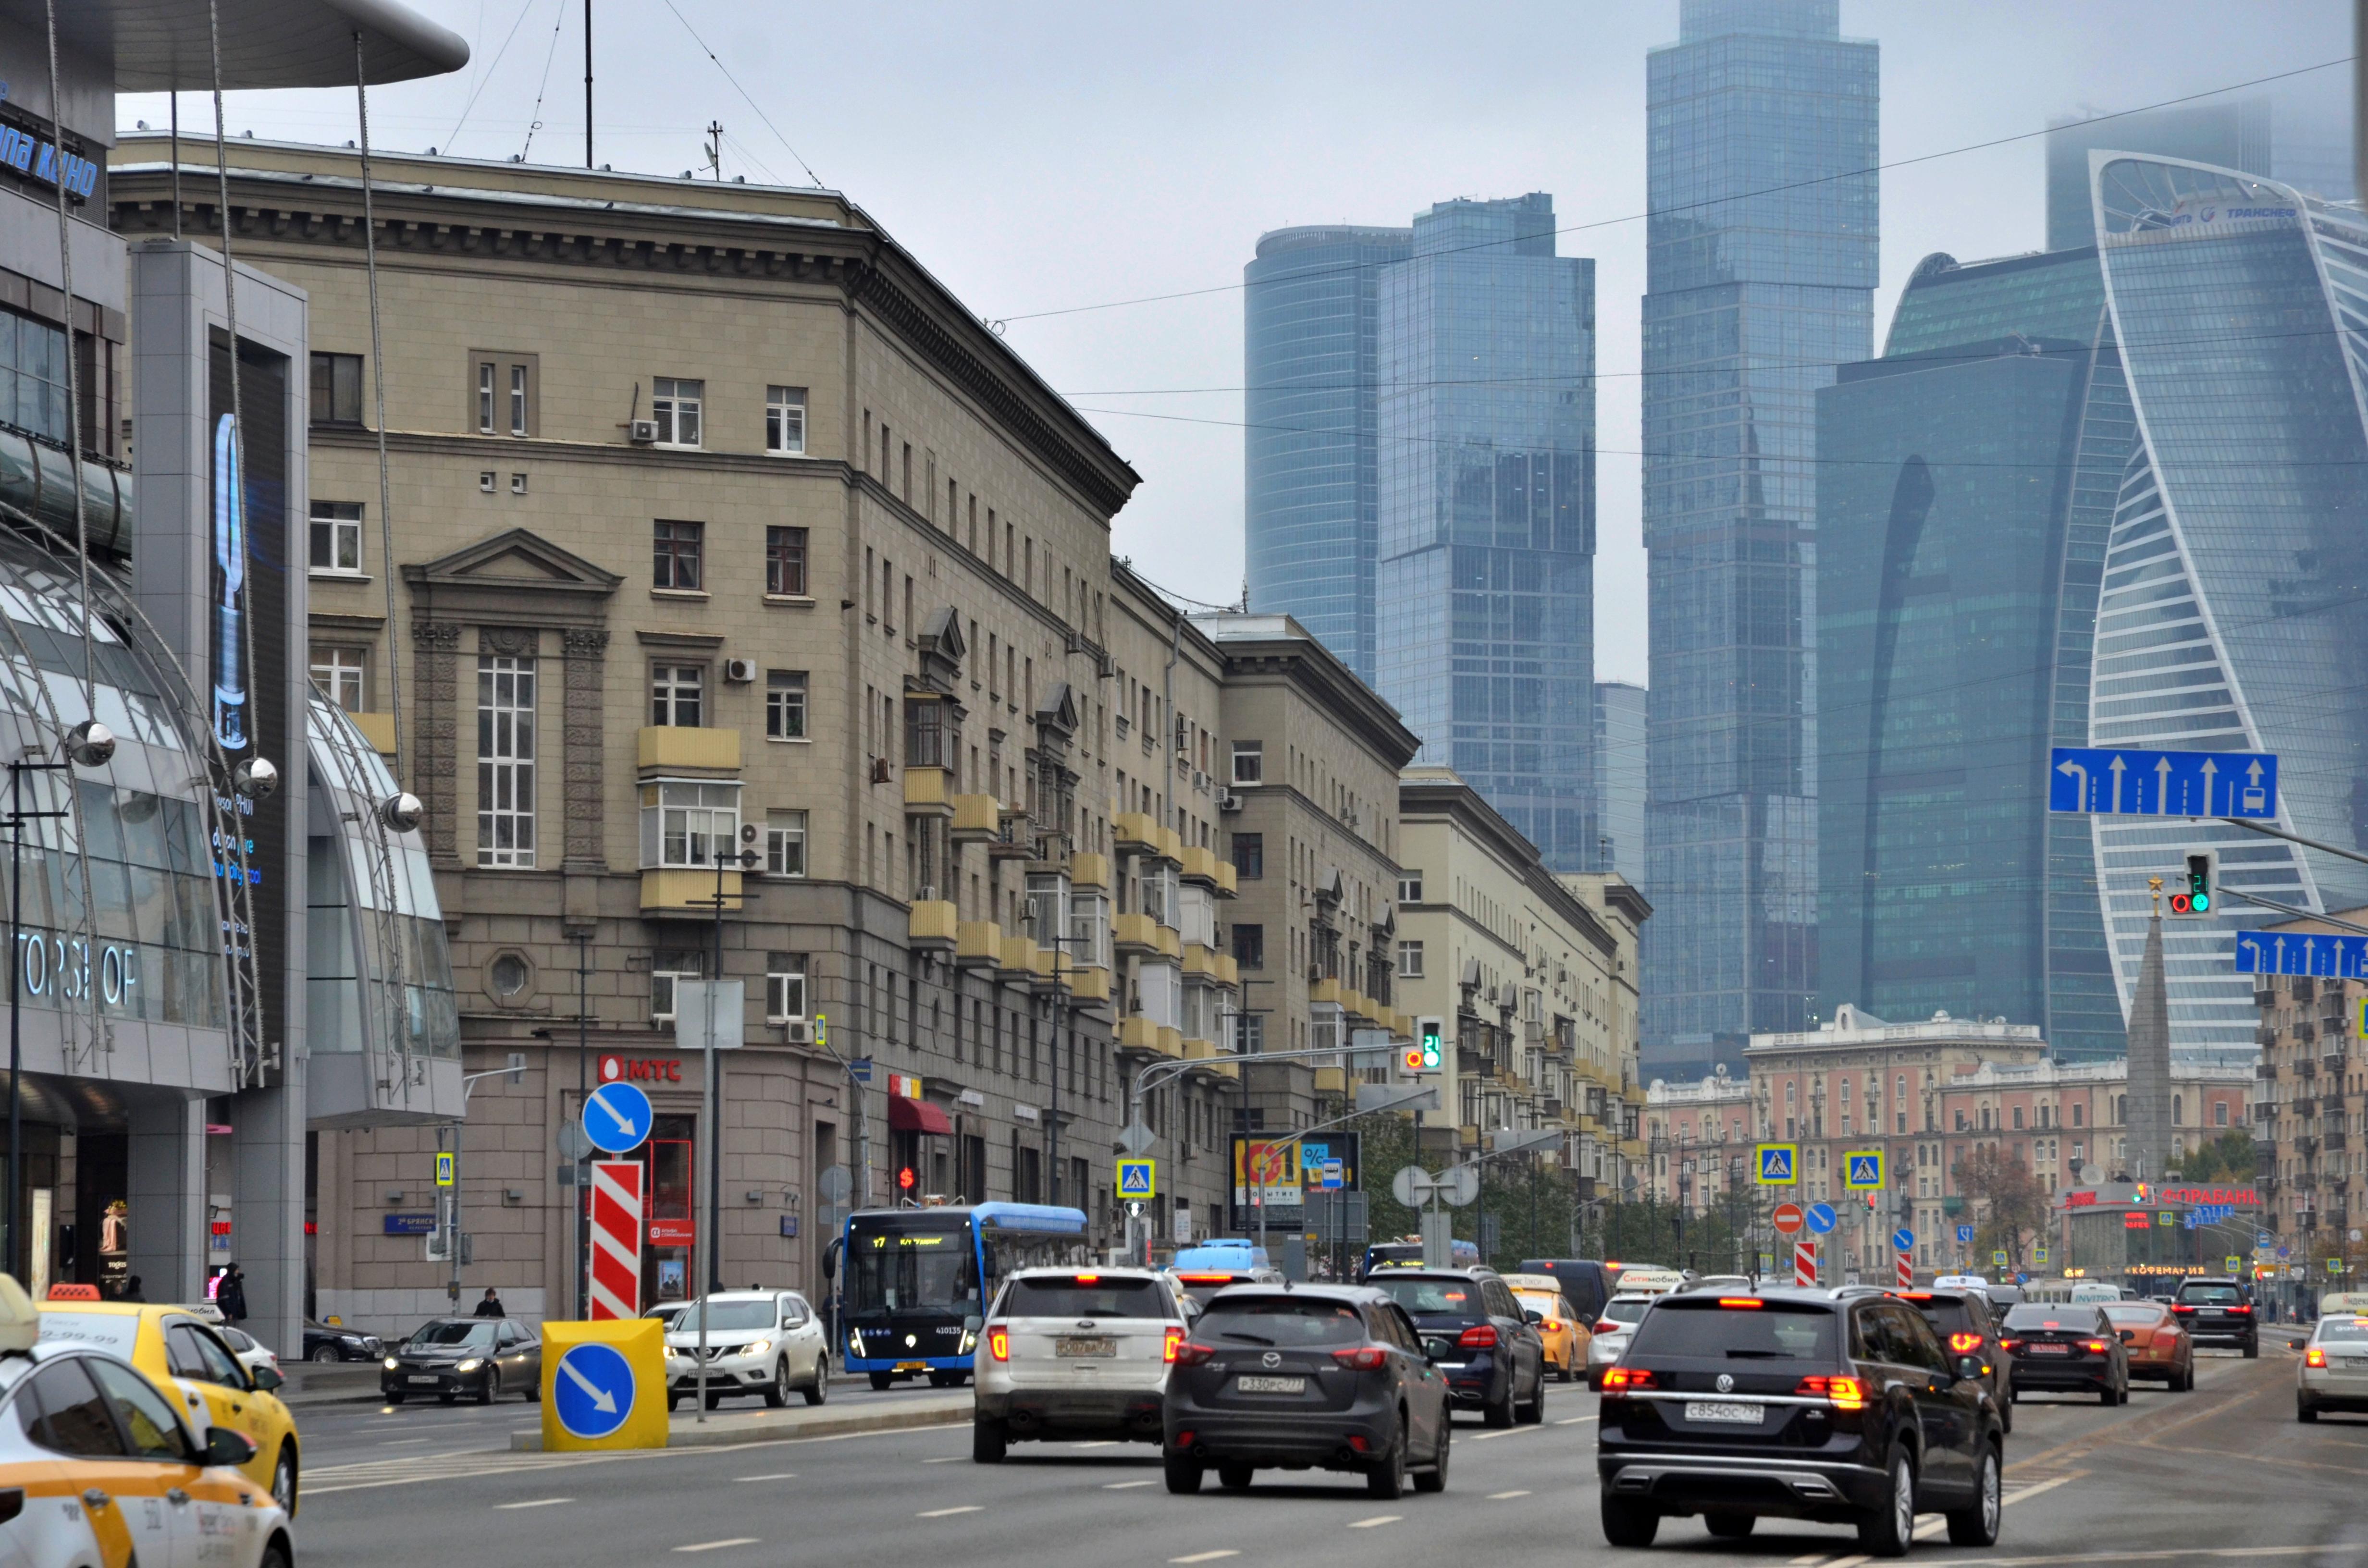 В ОАТИ рассказали о проверках соблюдения запрета работы заведений ночью. Фото: Анна Быкова